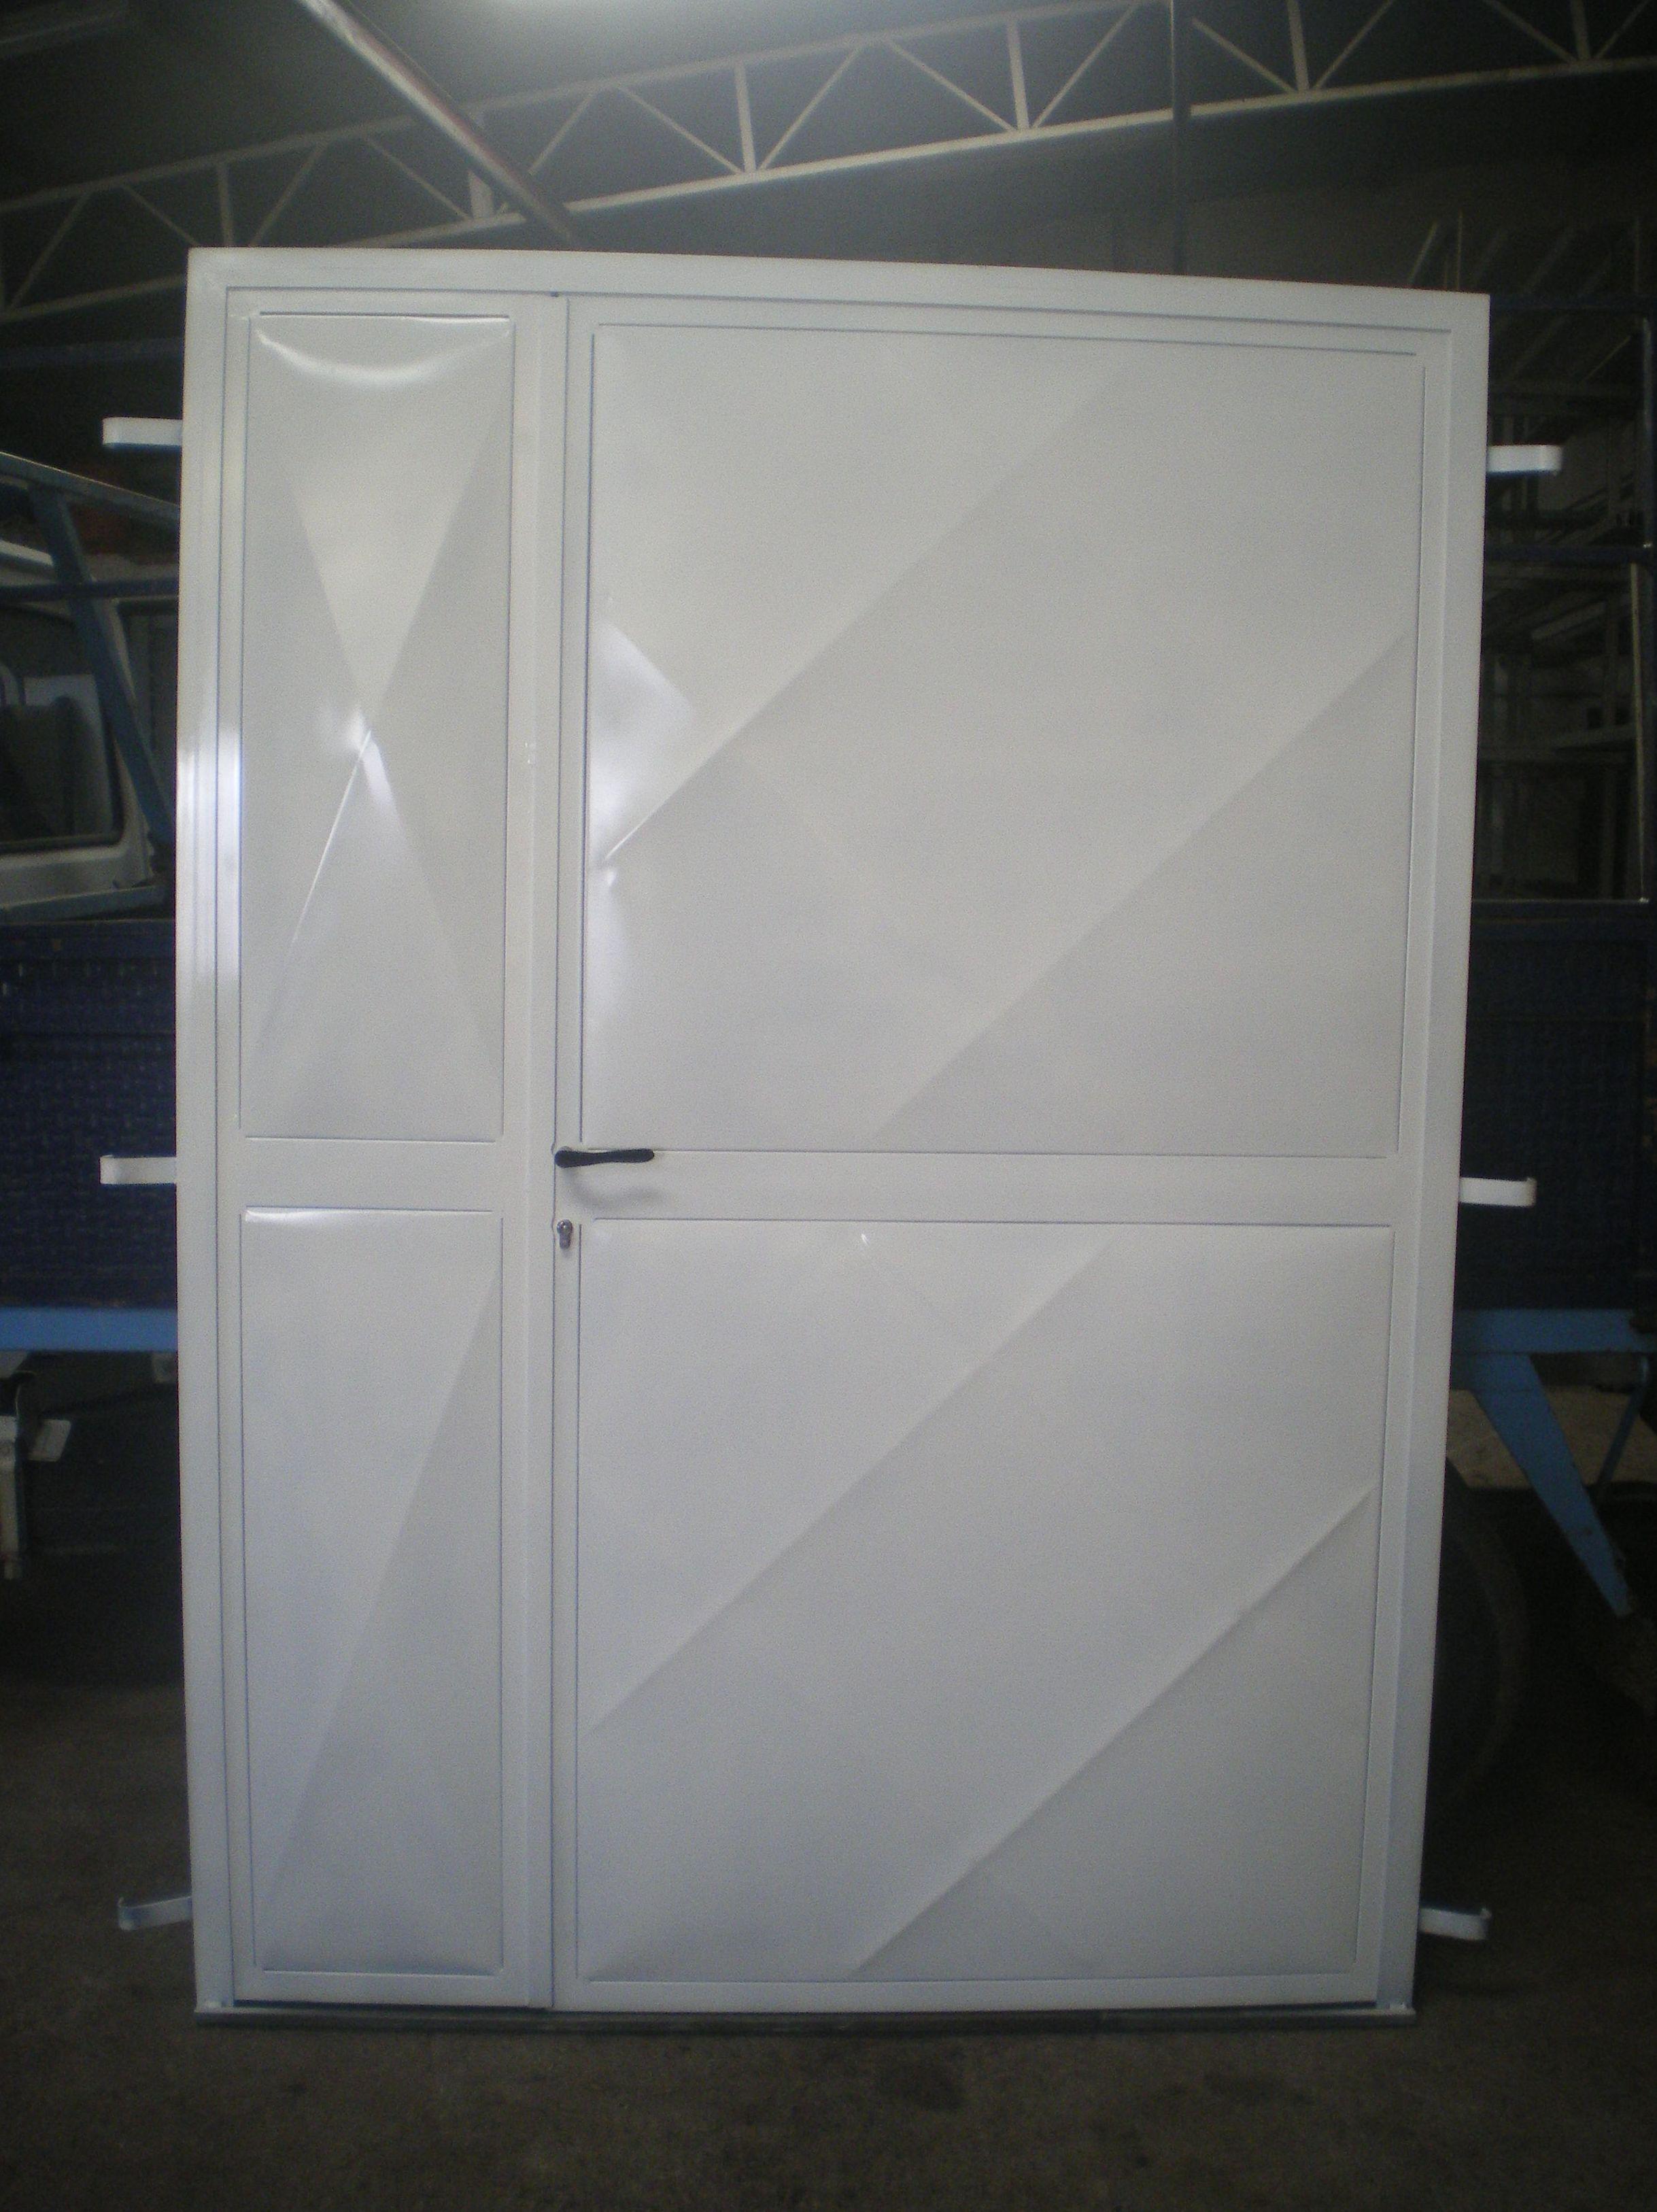 P40 - Puerta de trastero con una hoja mayor que la otra.